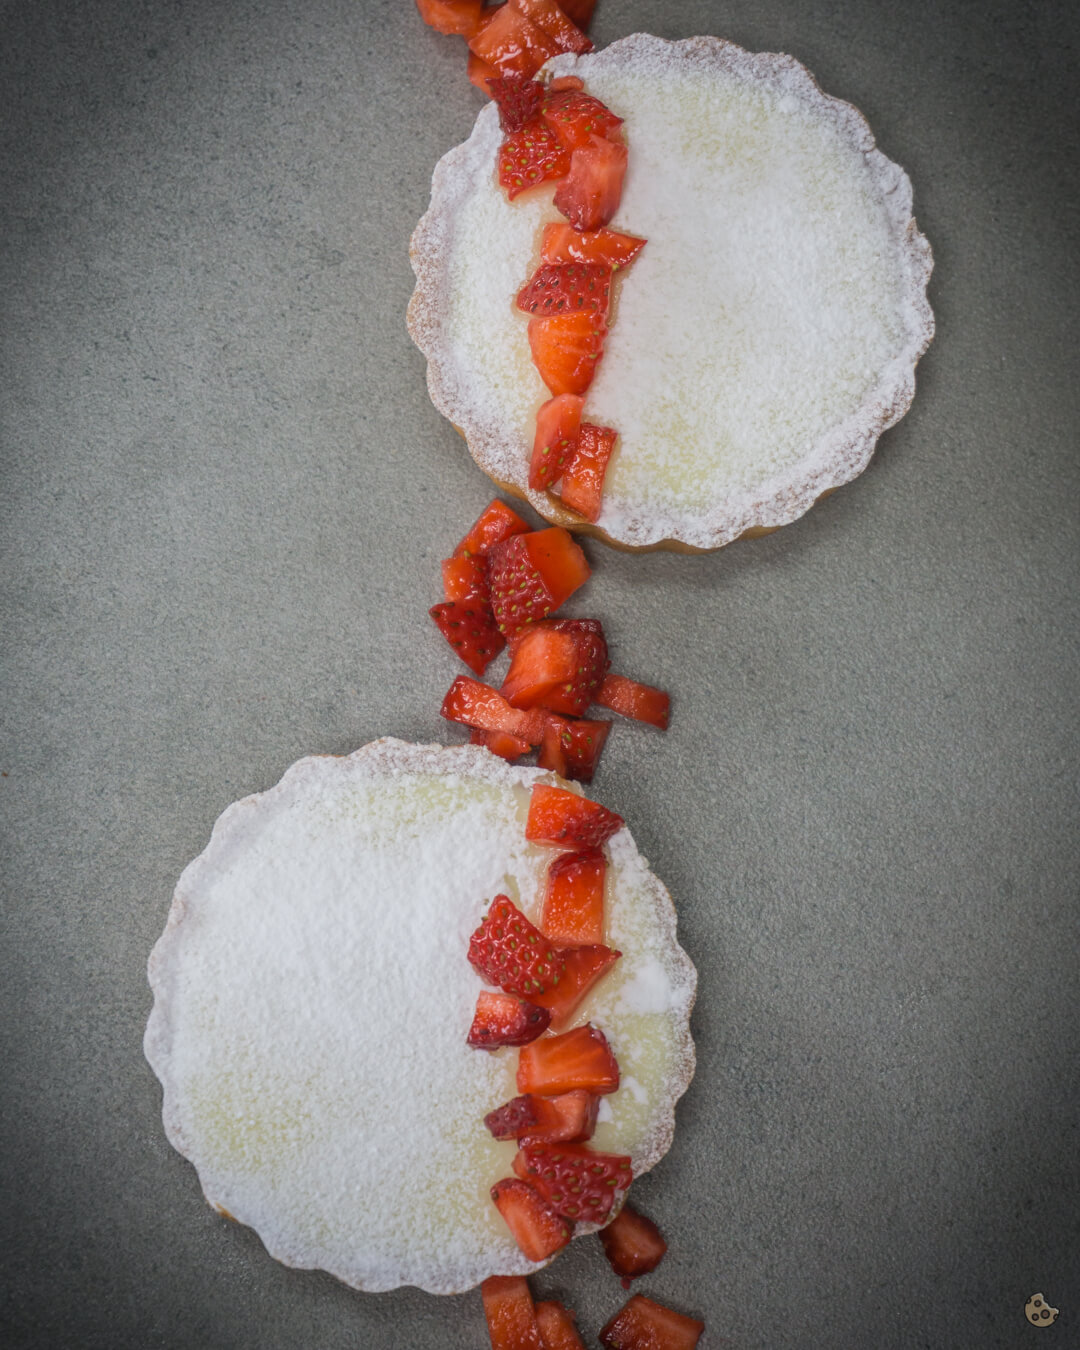 White Chocolate Erdbeer Tarte von keksstaub